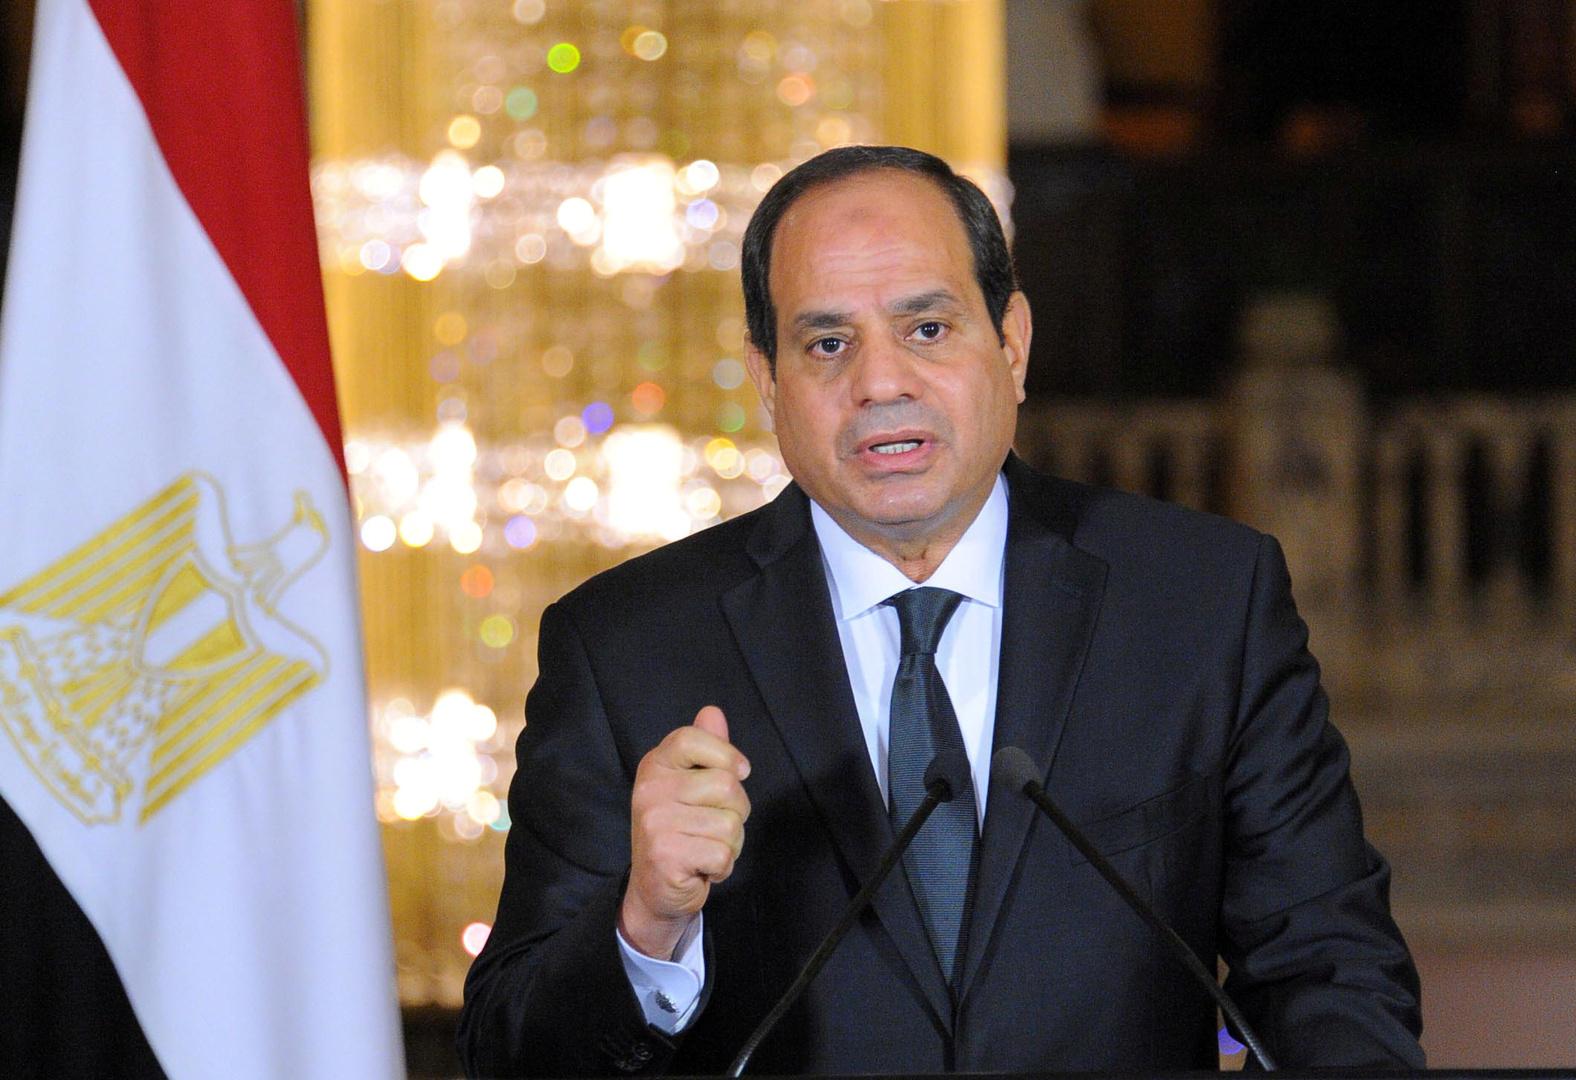 السيسي يرد على تصريح رئيس وزراء إثيوبيا حول تجنيد مليون شخص لحرب محتملة مع مصر